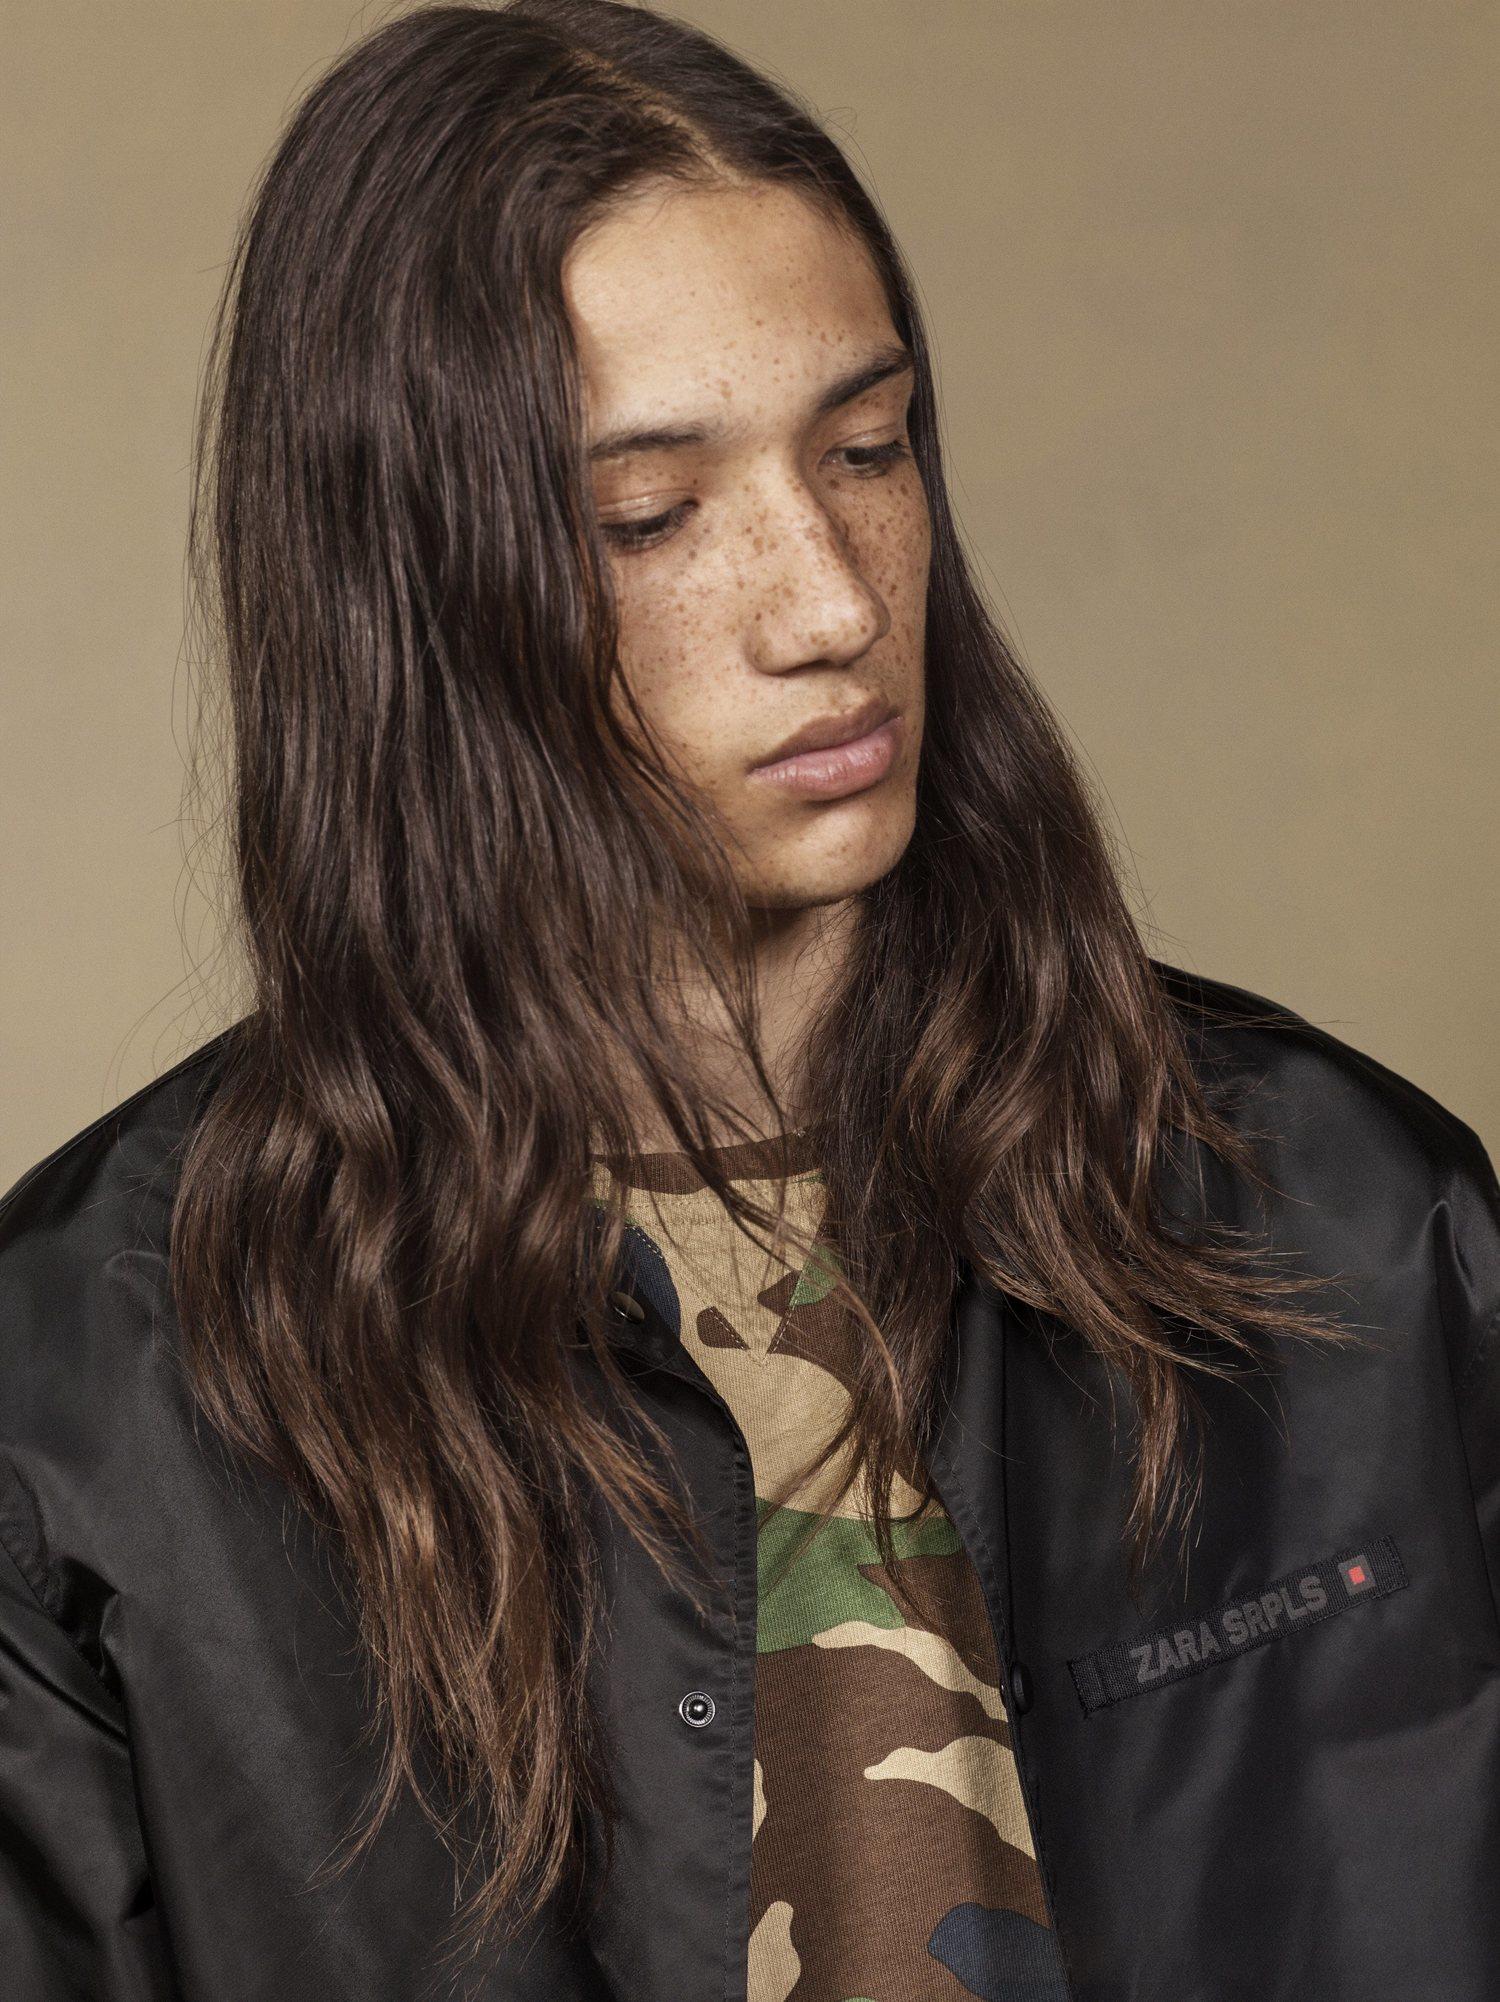 Si prefieres el estampado tradicional, Zara también lo ofrece en su nueva campaña.